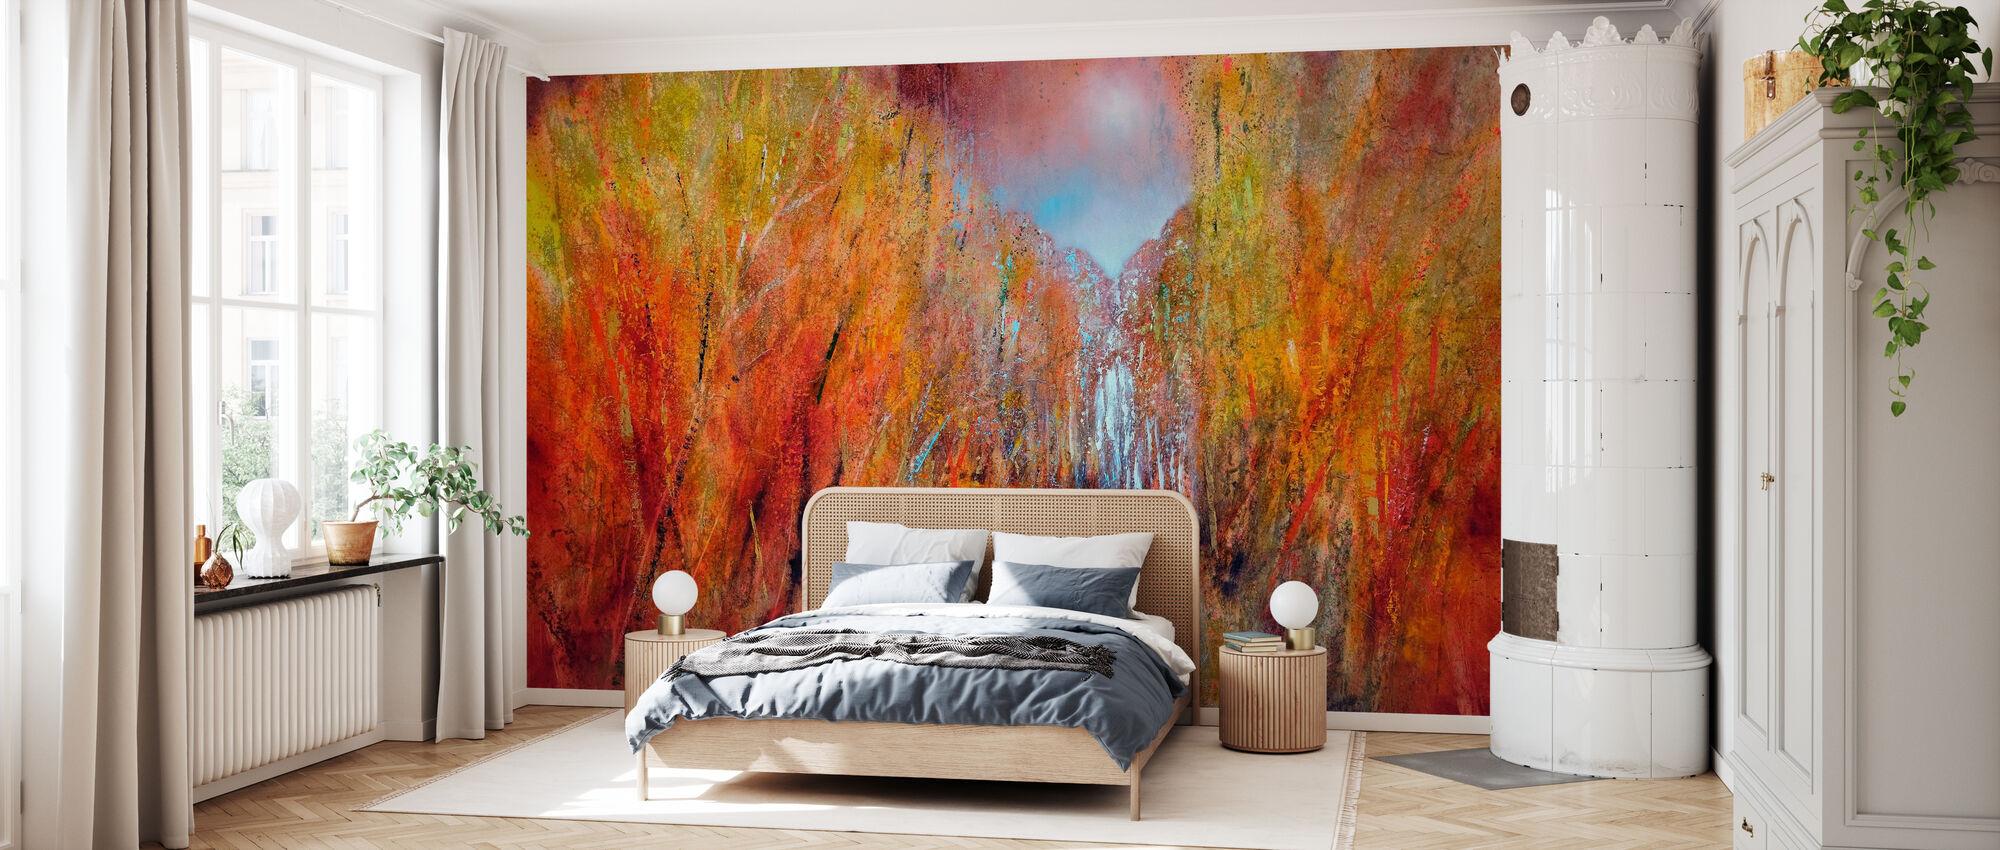 Herfst - Behang - Slaapkamer